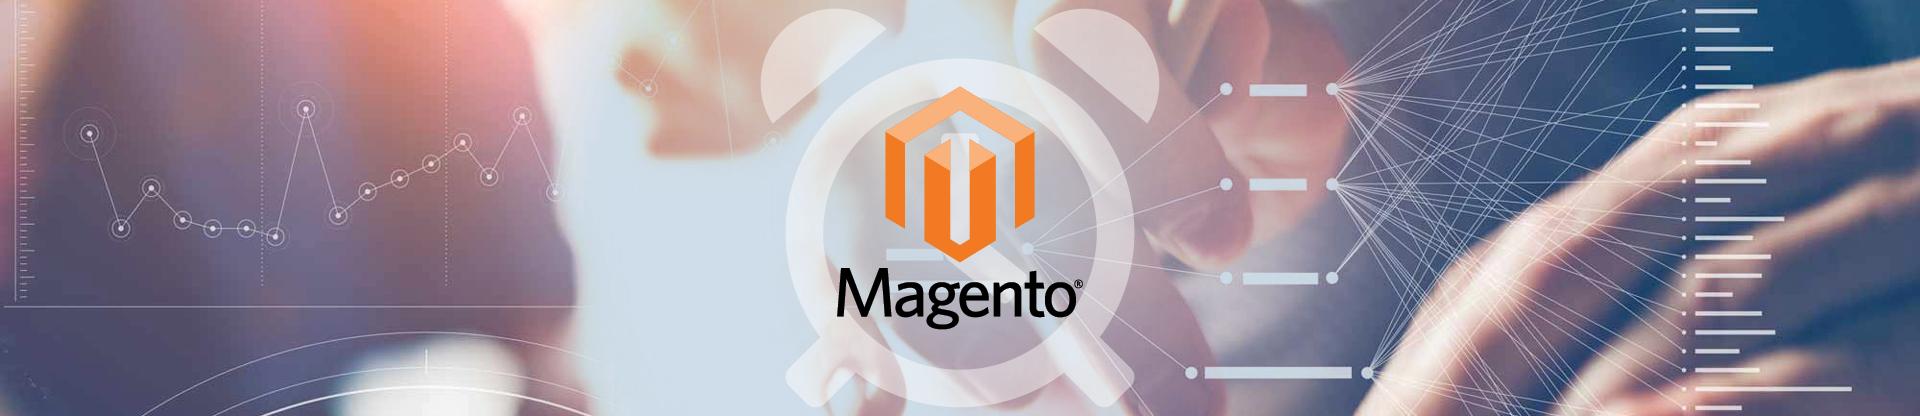 magento-m1-hero